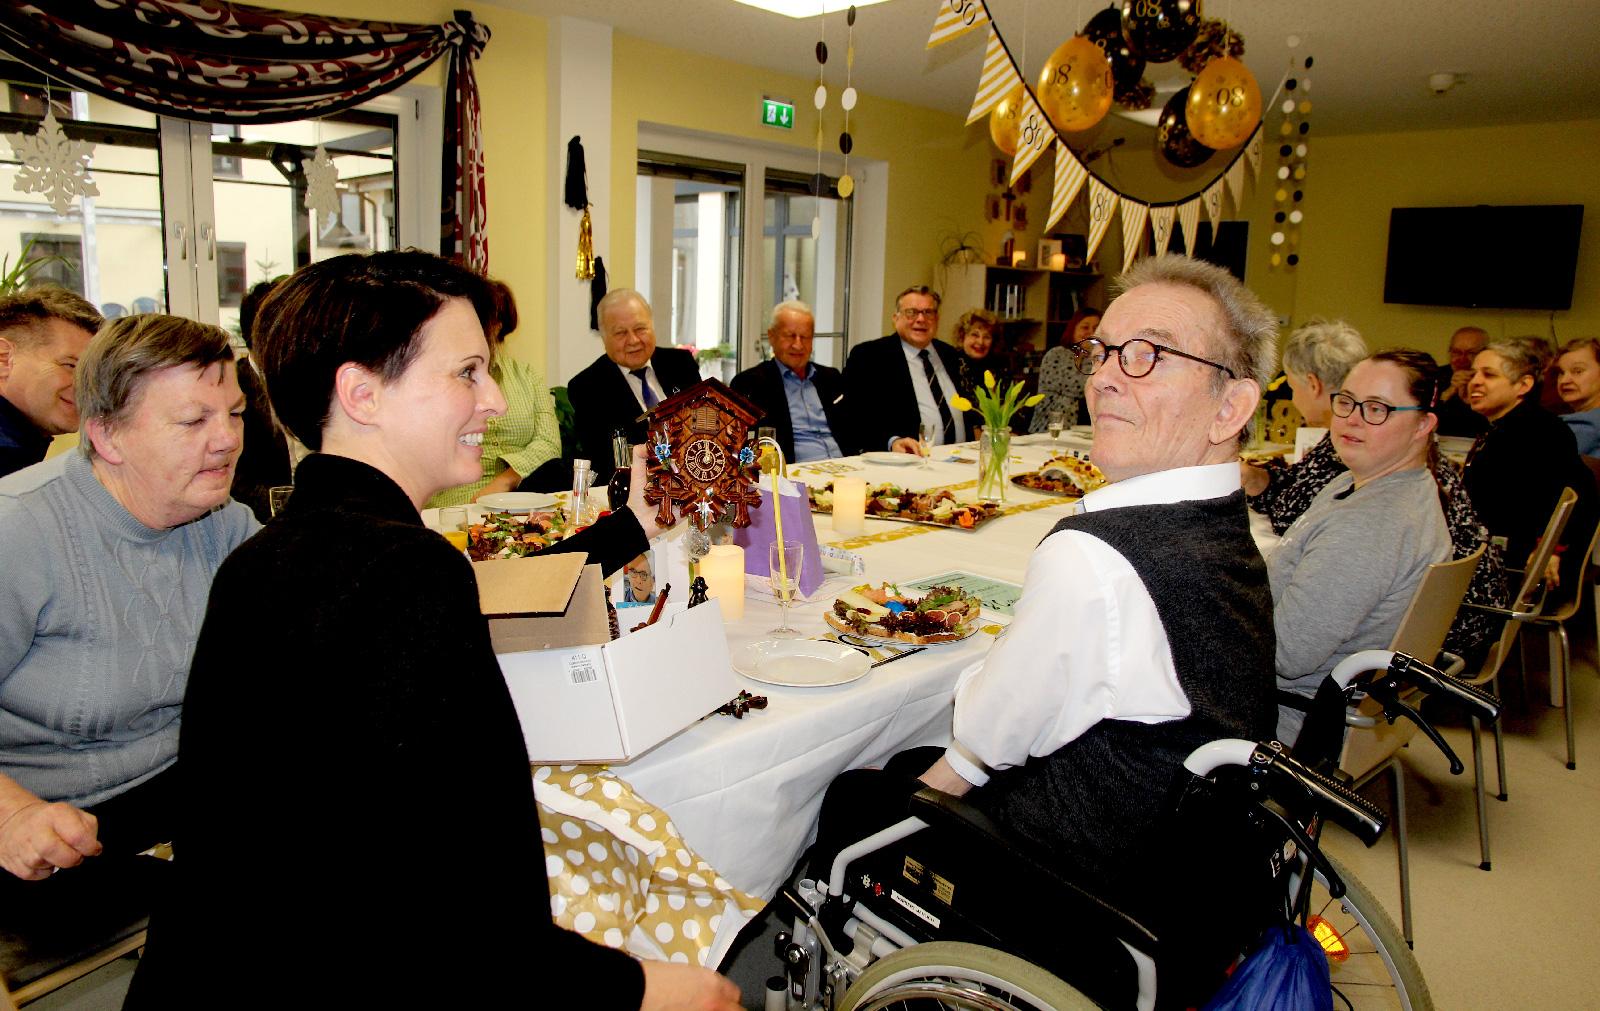 Zum Kuckuck! Endlich erfüllte sich Mahlichs lang gehegter Traum, eine Kuckucksuhr, die der Vorstand im Namen der Lebenshilfe schenkte.